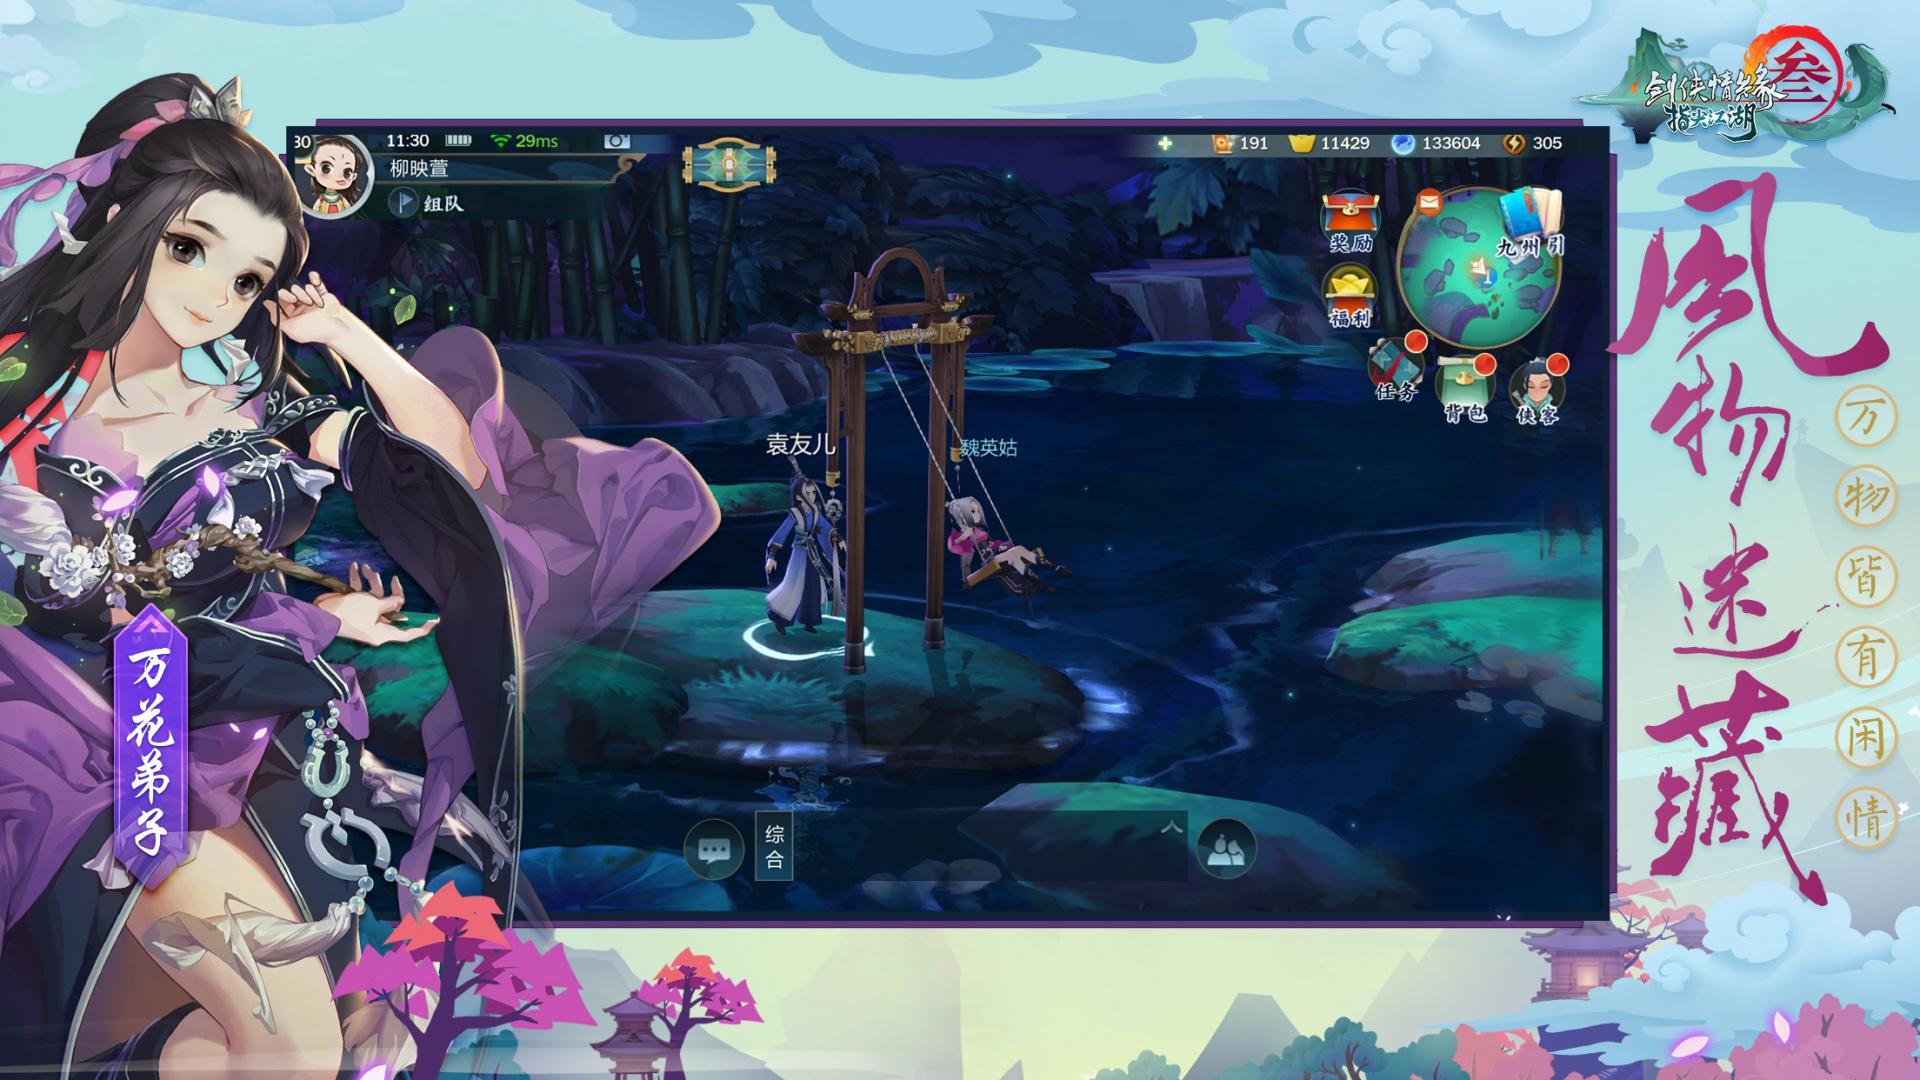 剑网3:指尖江湖游戏截图4